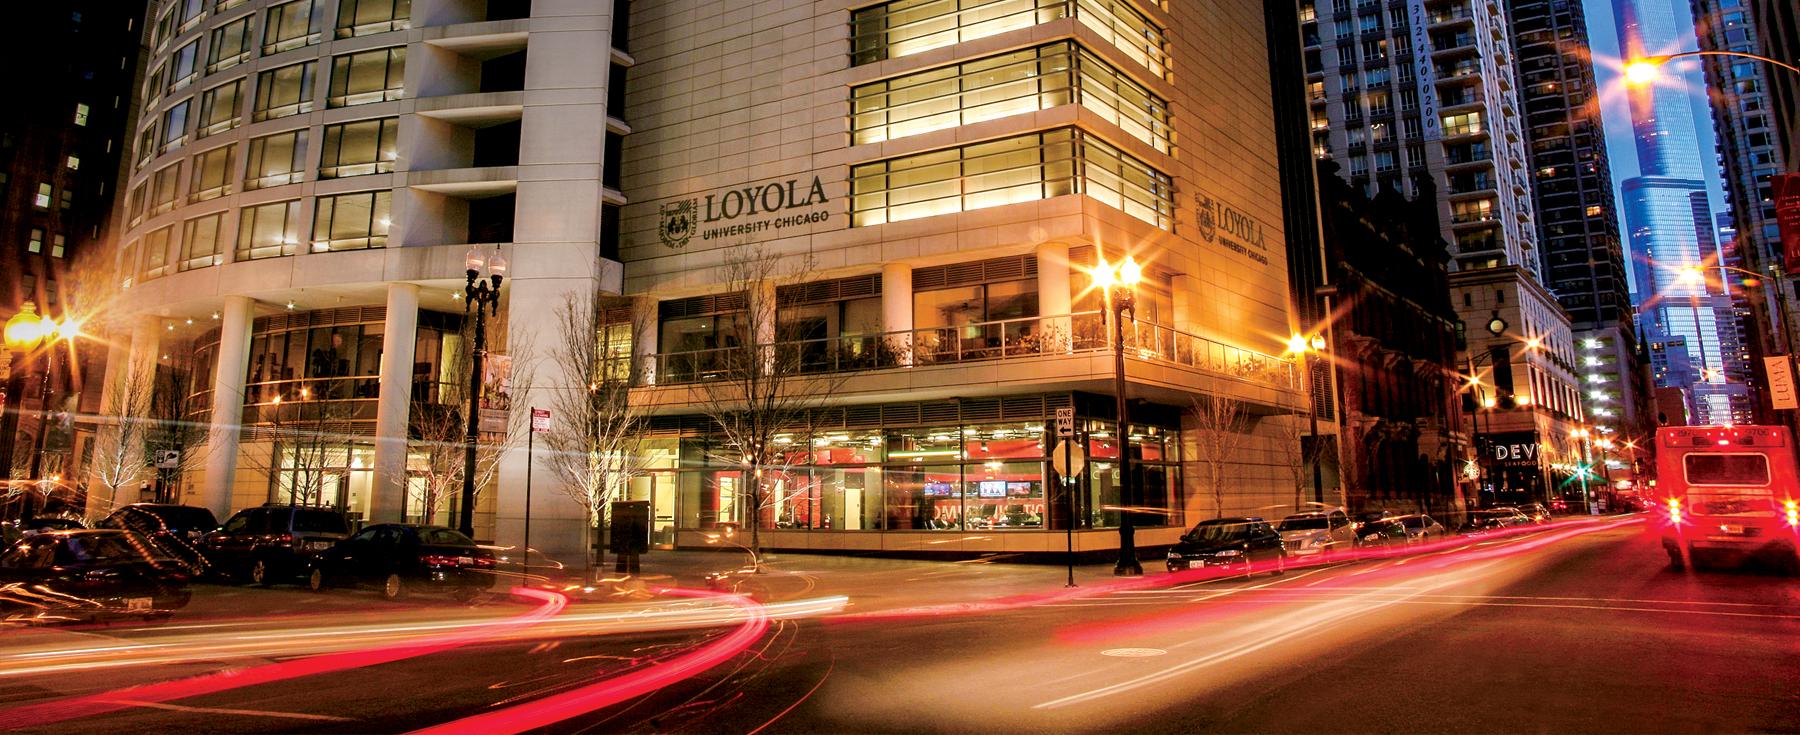 (image courtesy of Loyola)